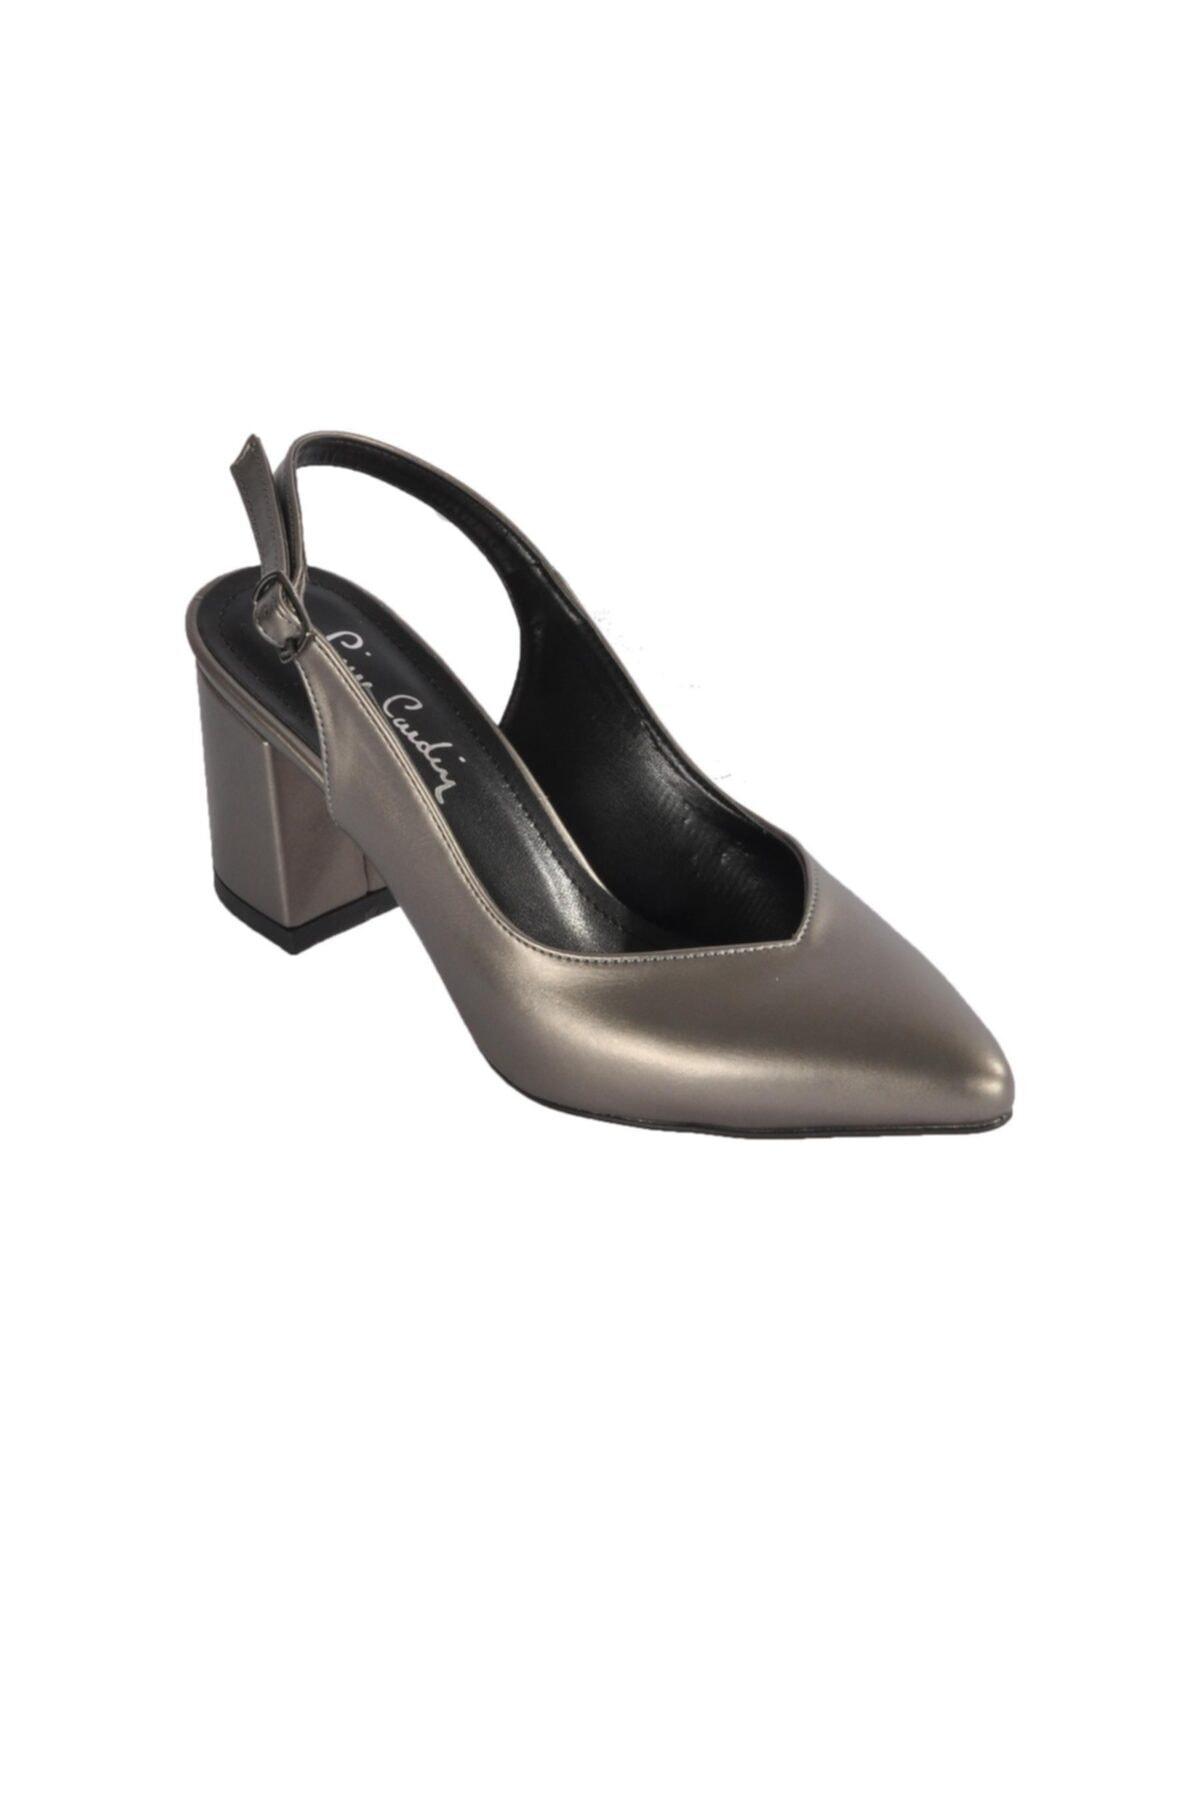 Pierre Cardin Kadın Platin Topuklu Ayakkabı Pc-50173 1